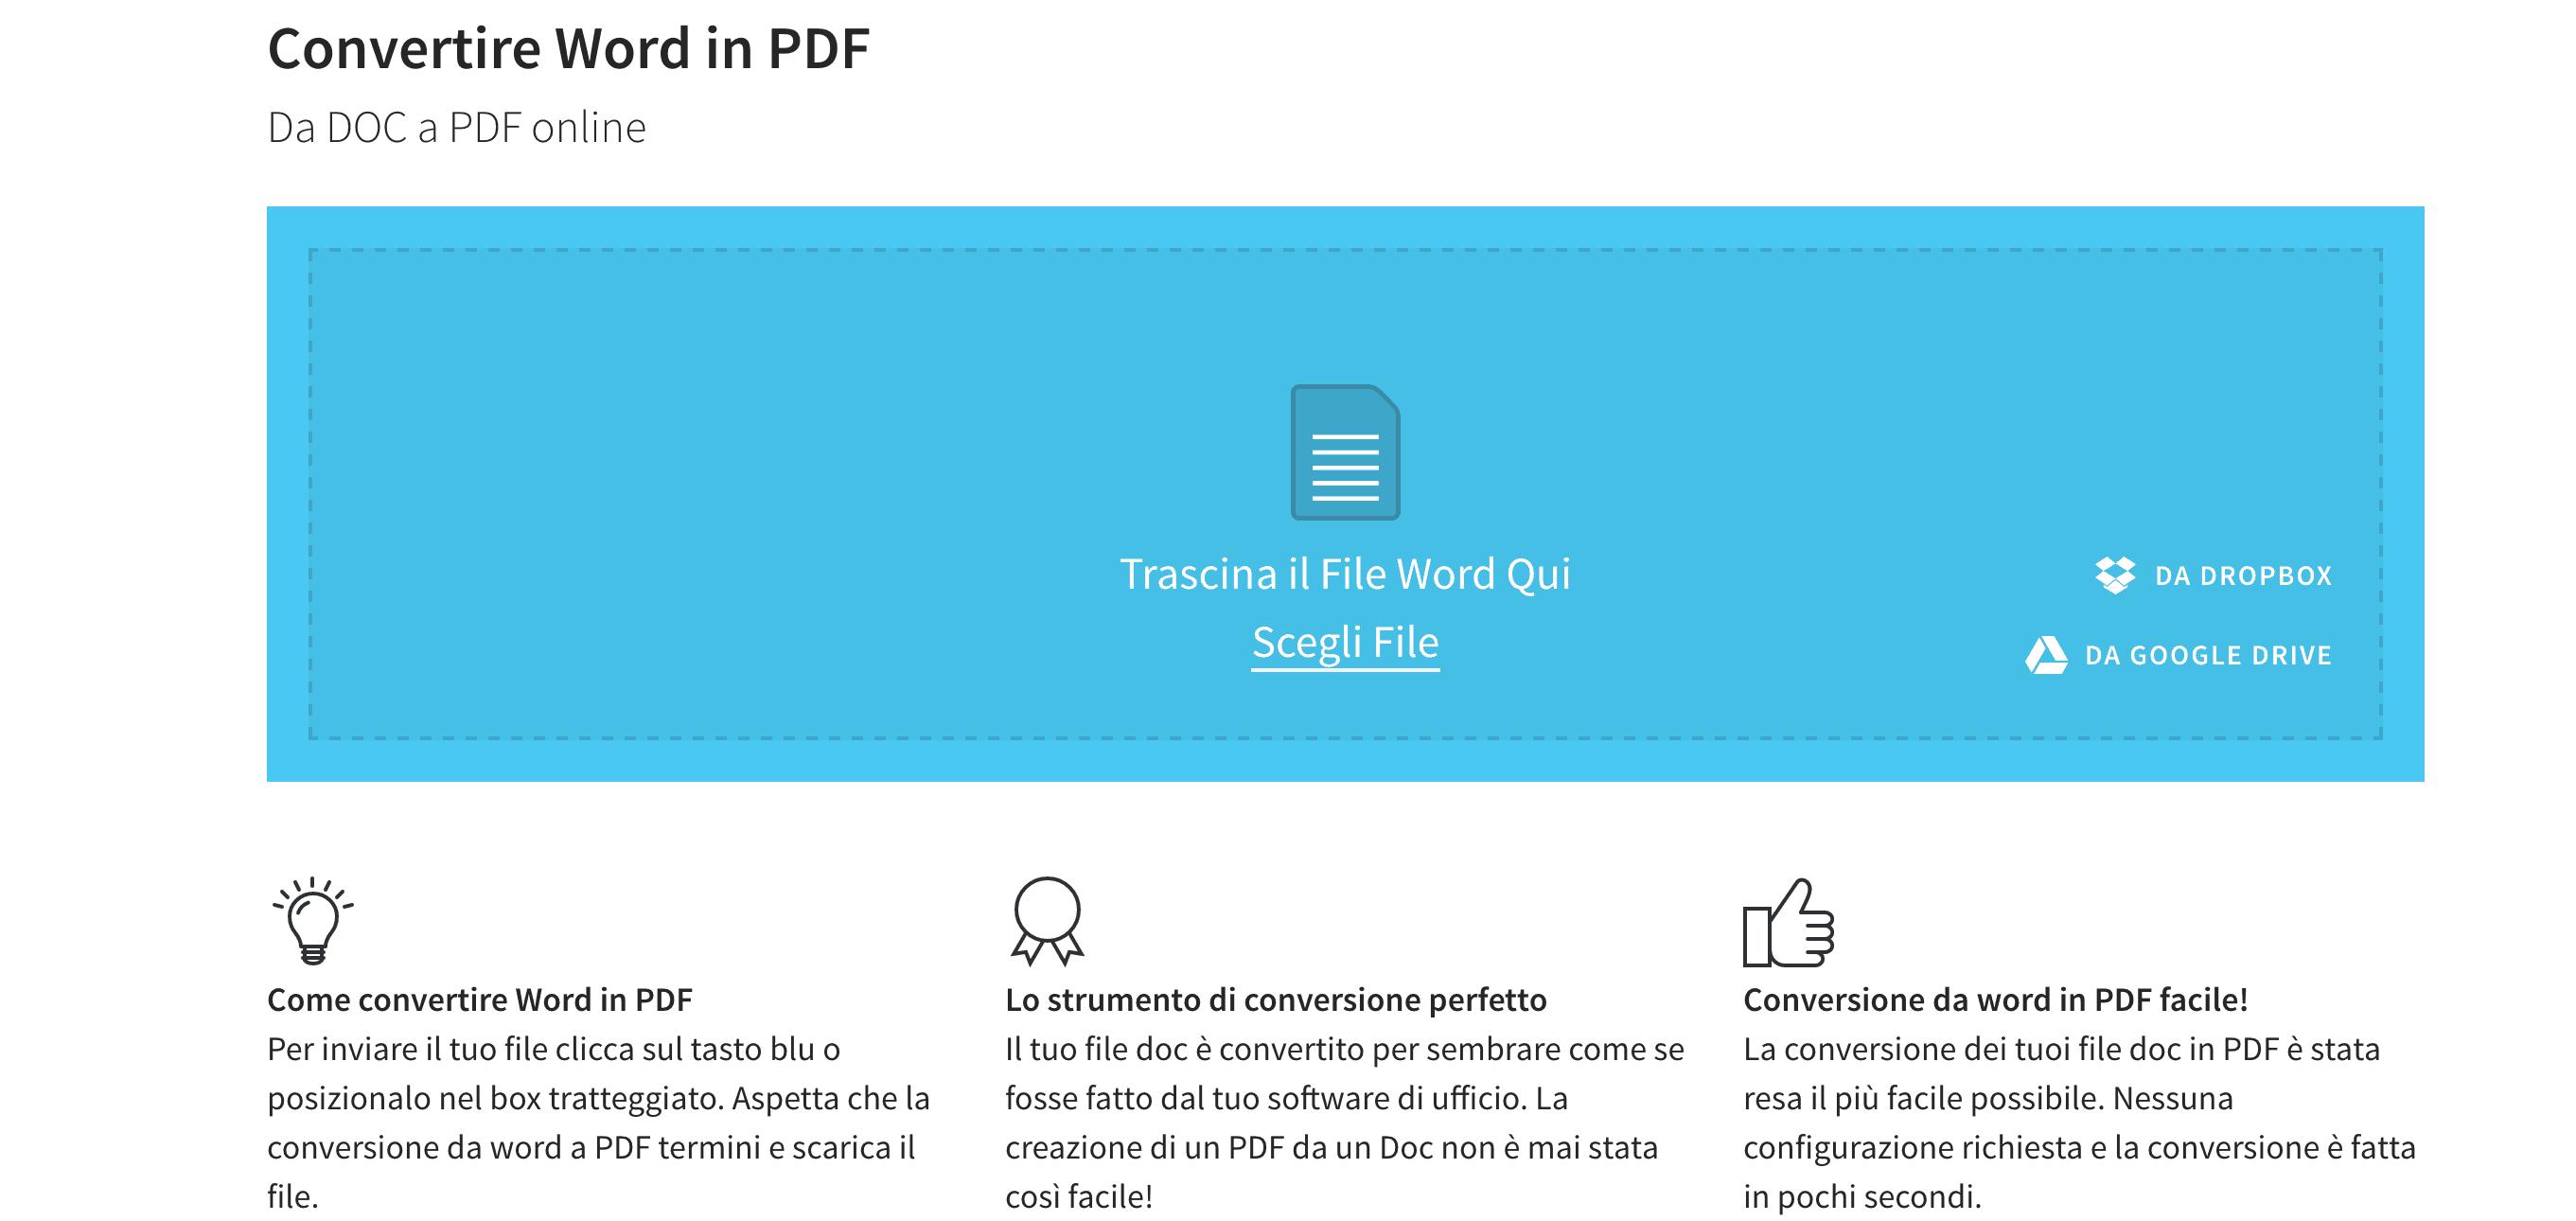 convertire word in pdf gratuitamente